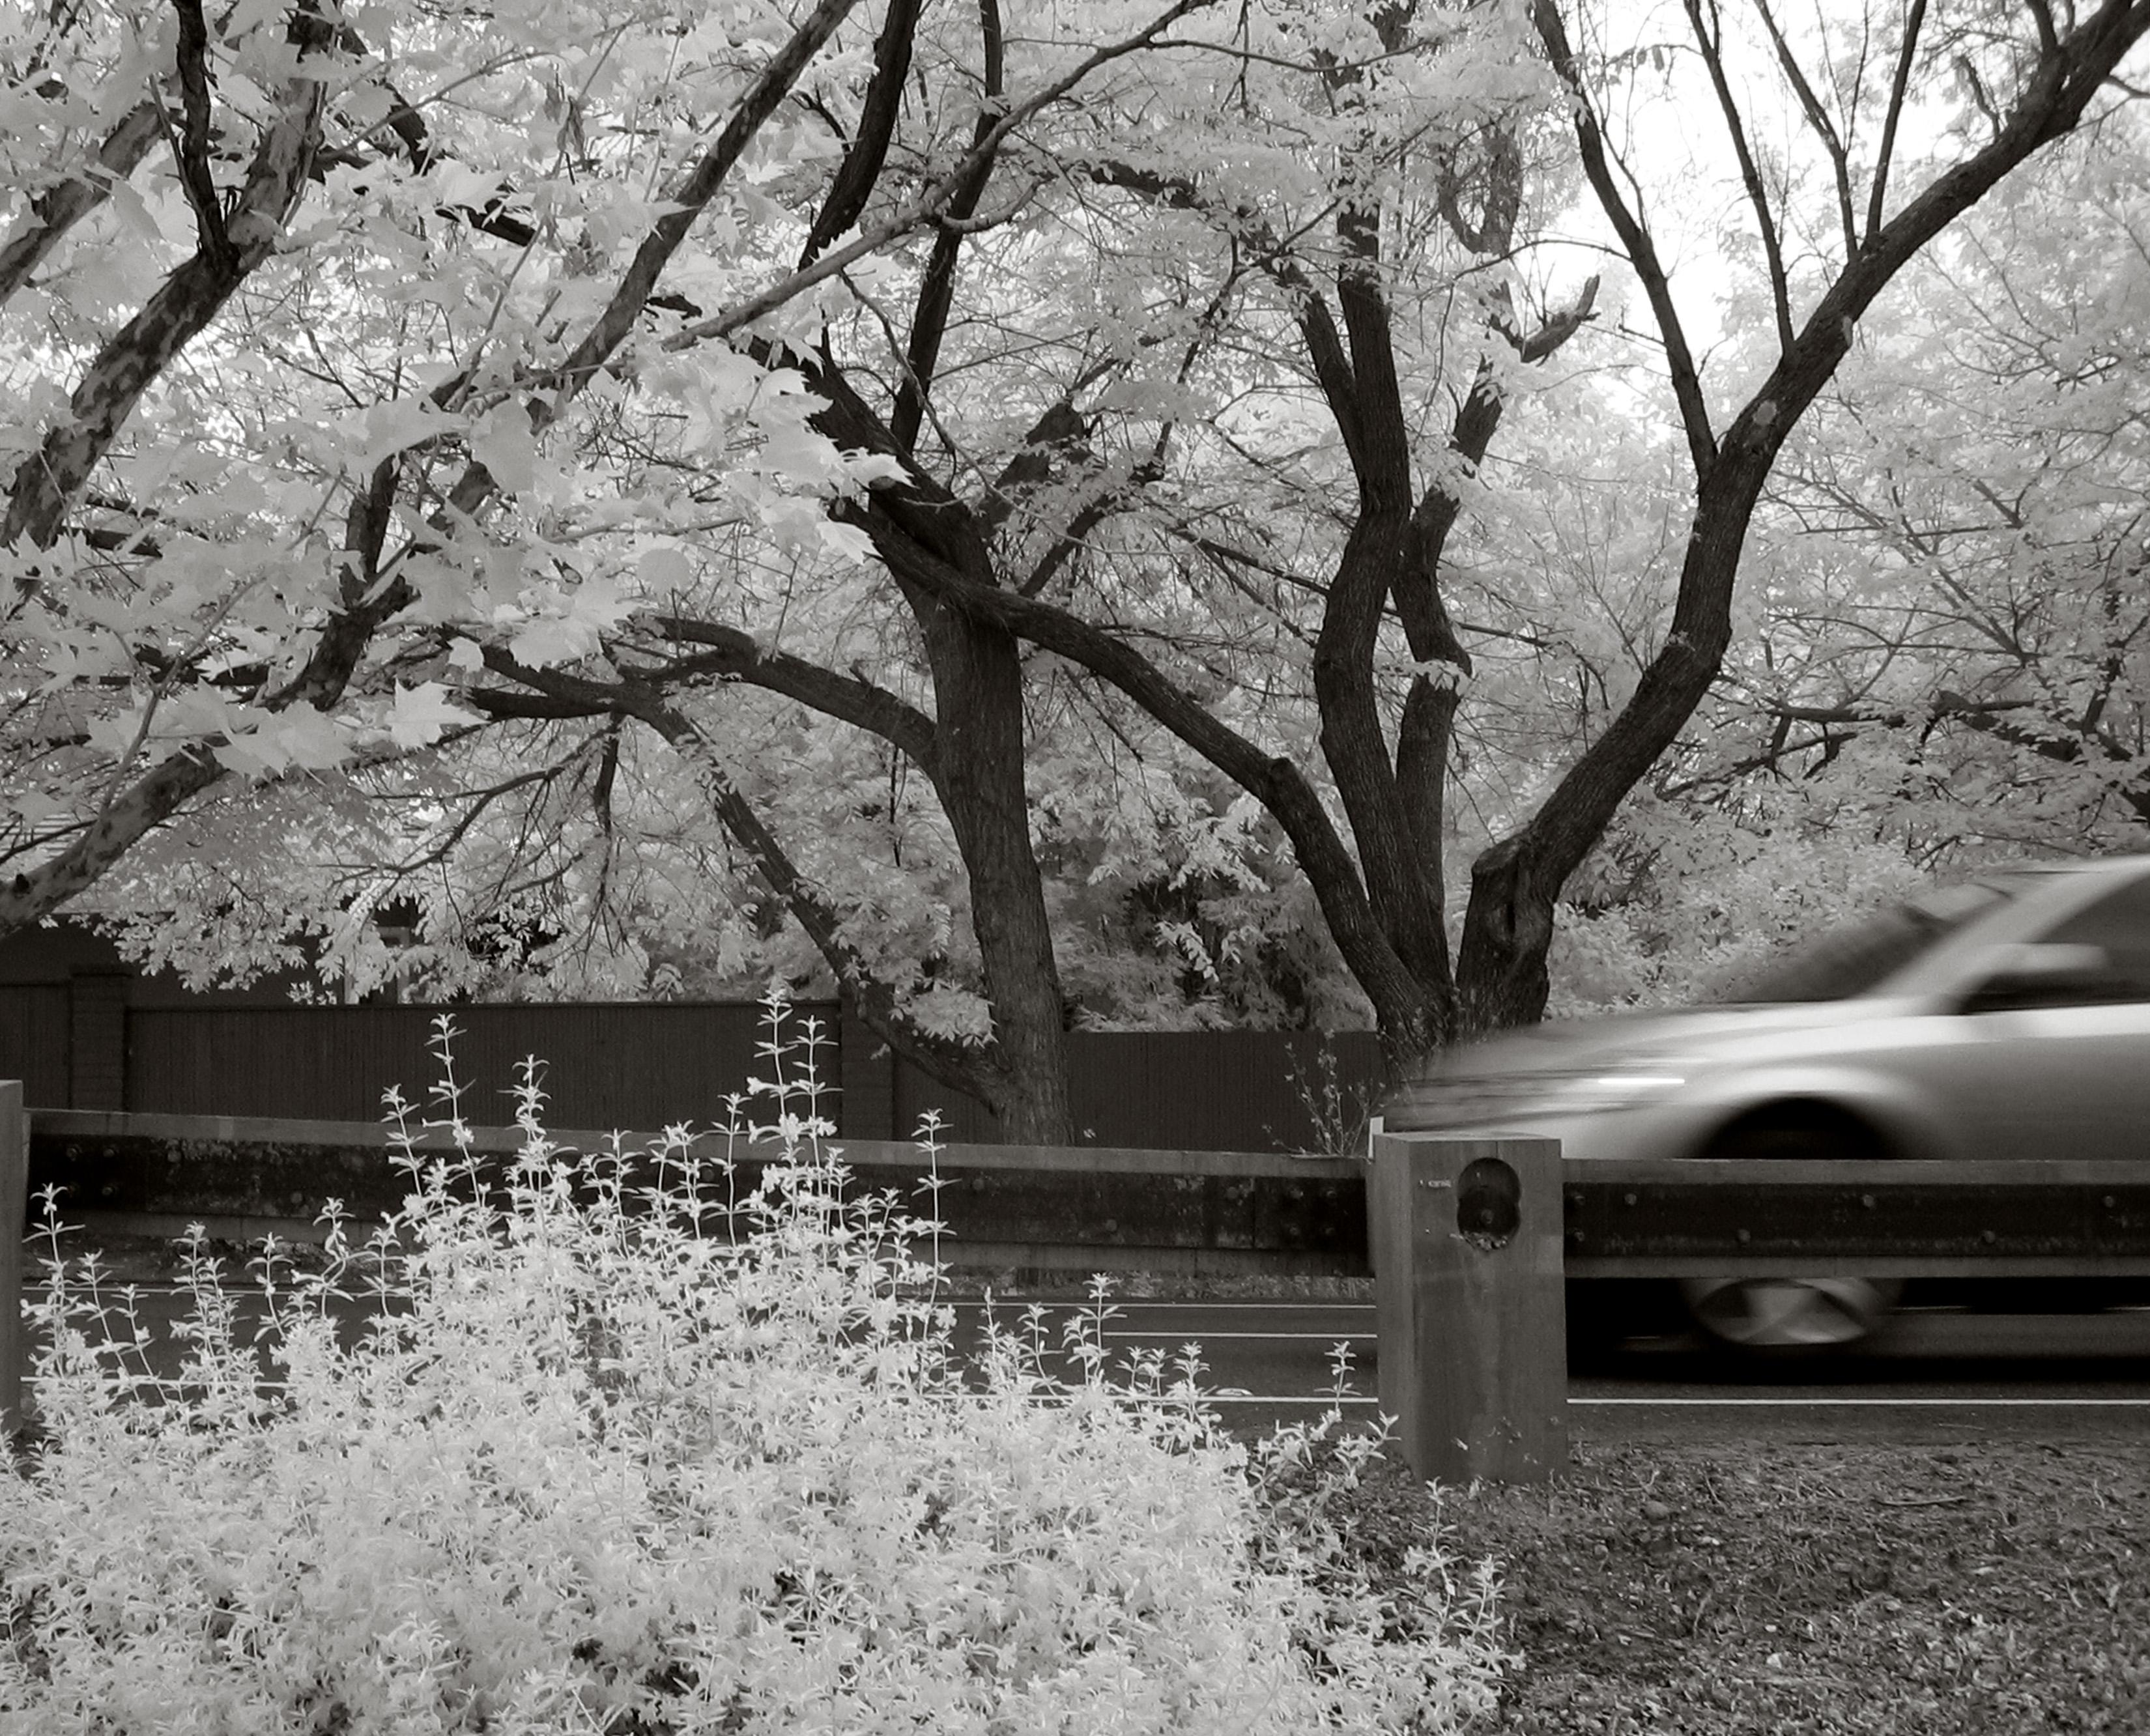 картинки весна монохром лучшие недорогие внедорожники